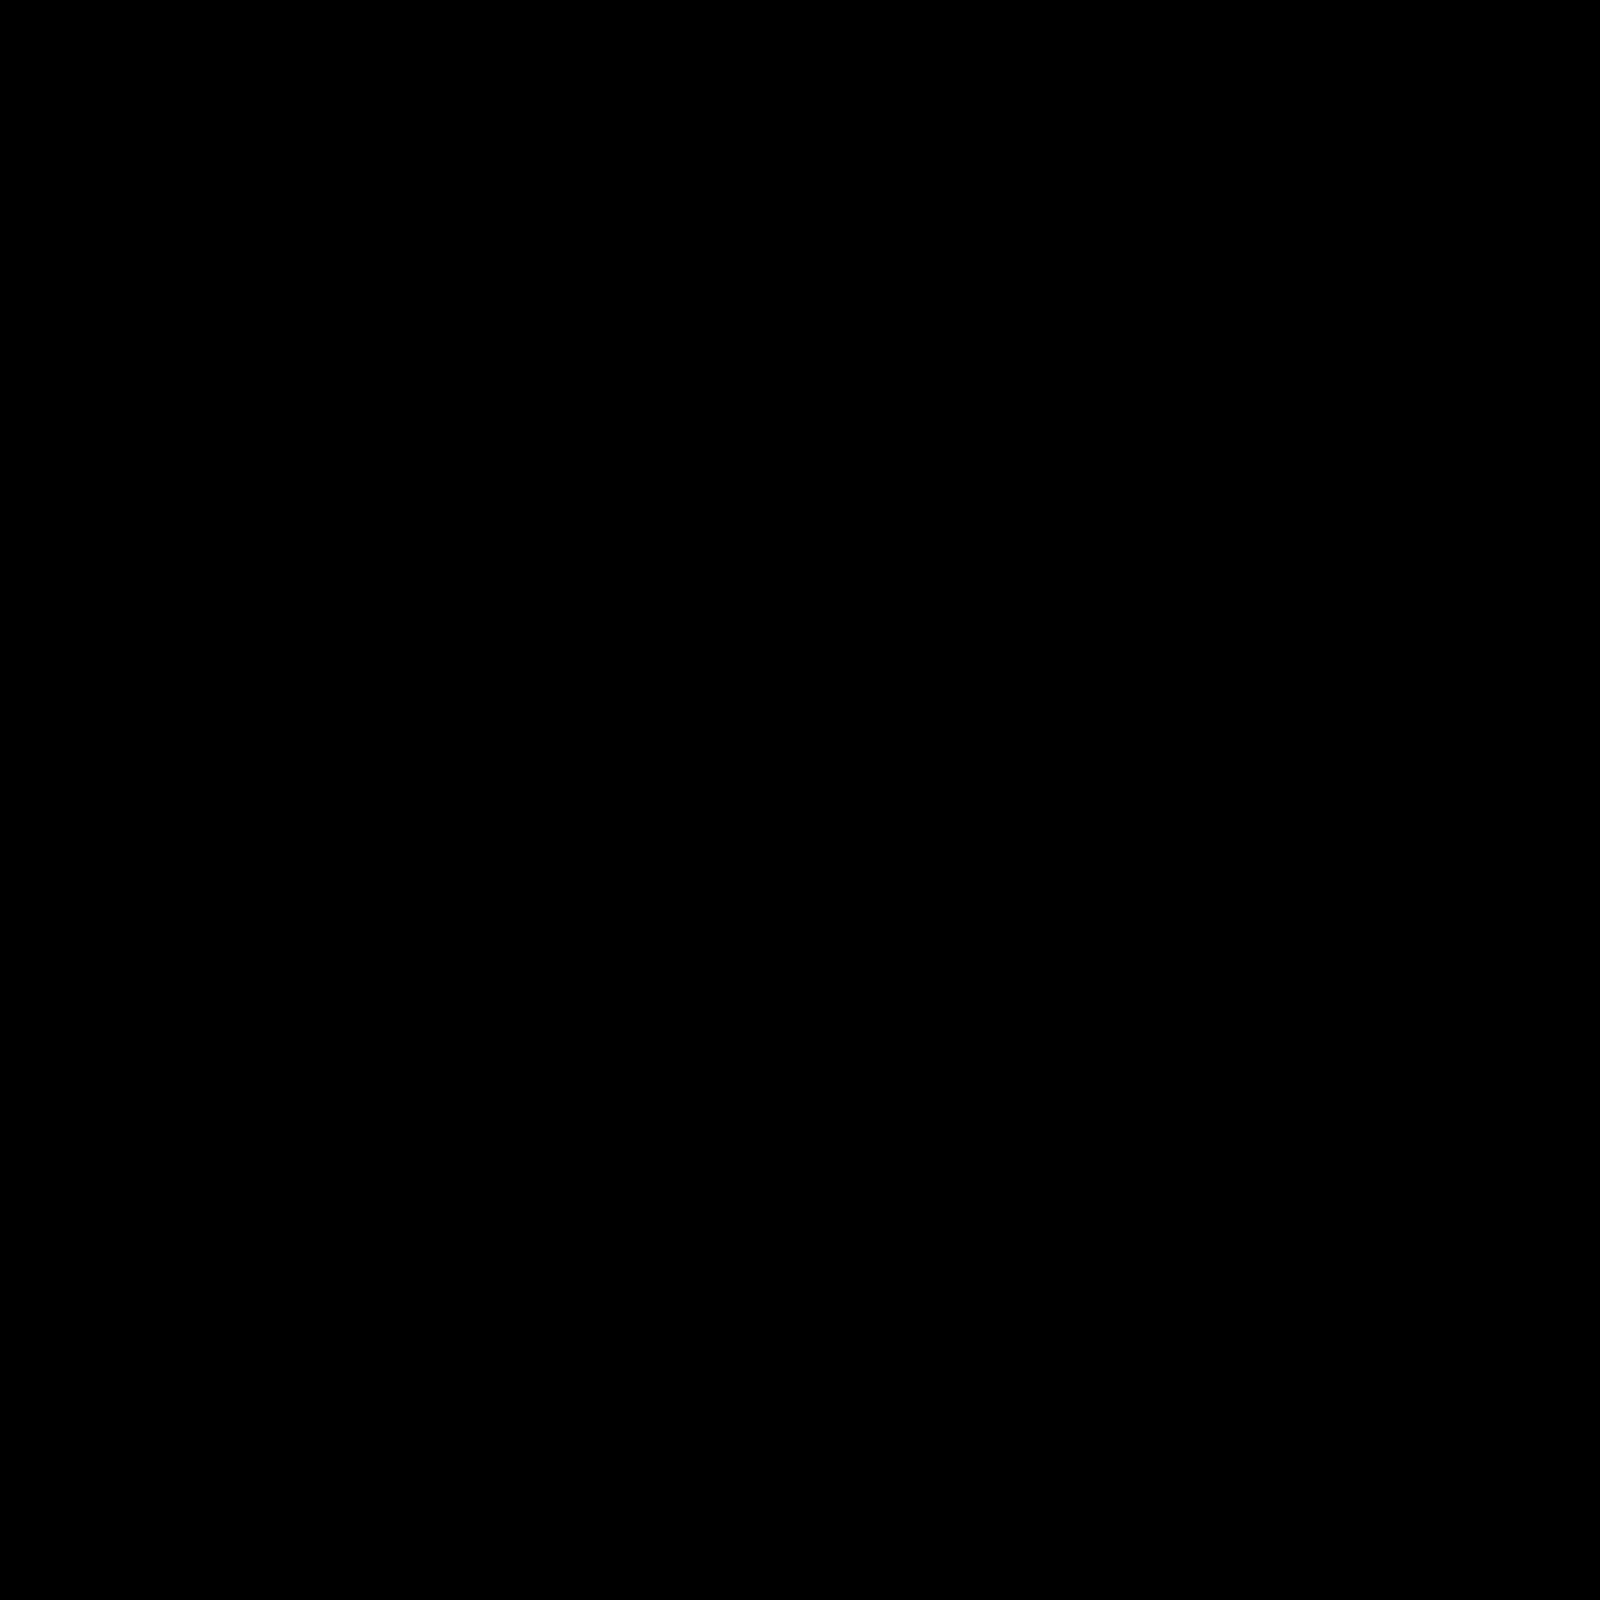 Board Game Figure icon